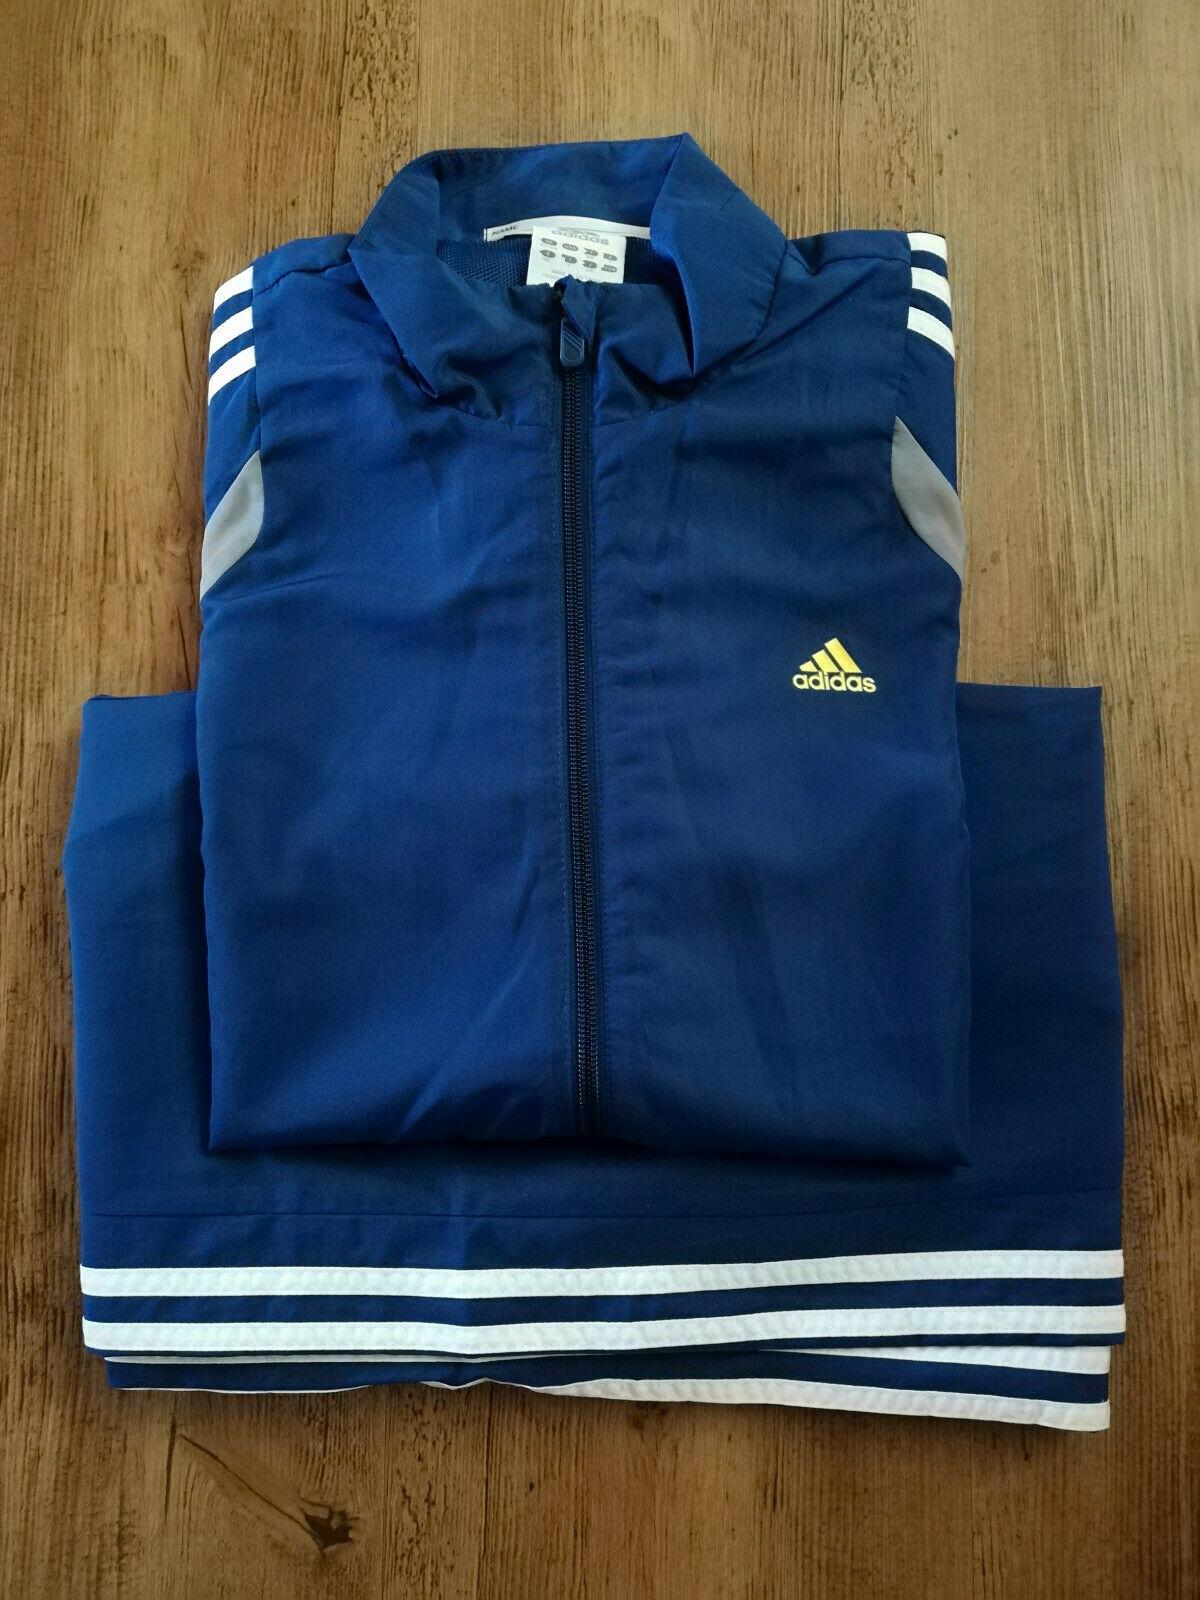 Adidas Trainingsanzug Herren Sport Jacke Hose Trainingsjacke blau NEU